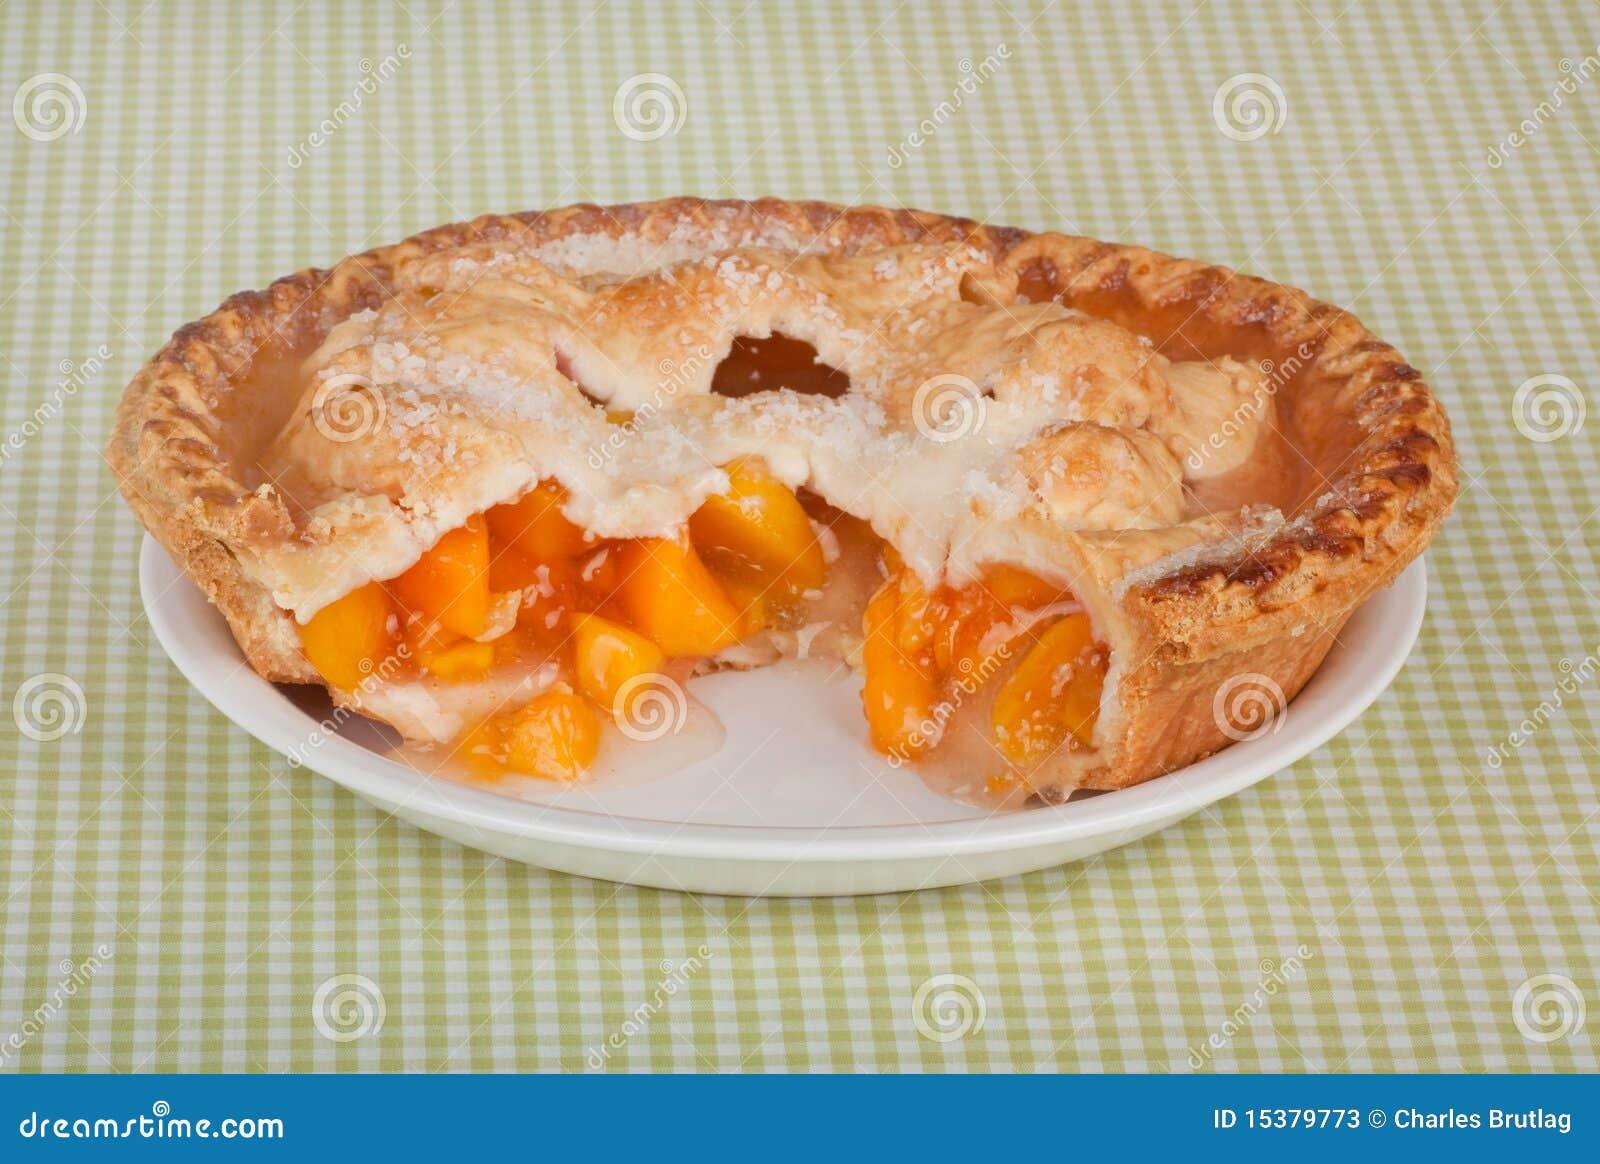 pecan pie clipart